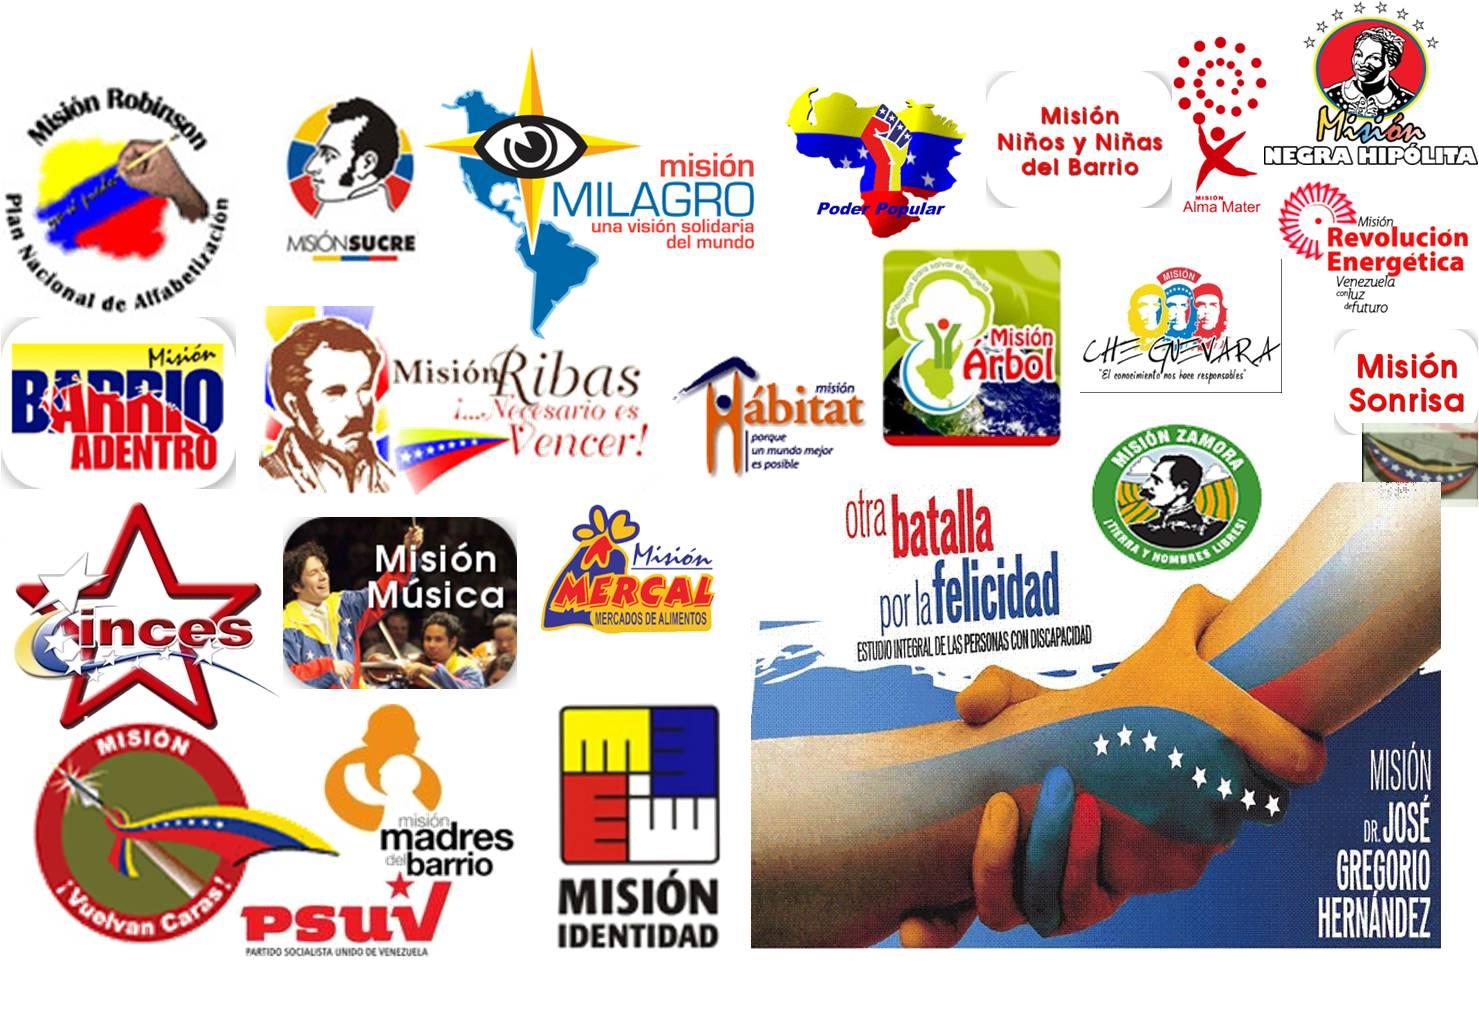 Cuales son los logros de la revolucion bolivariana